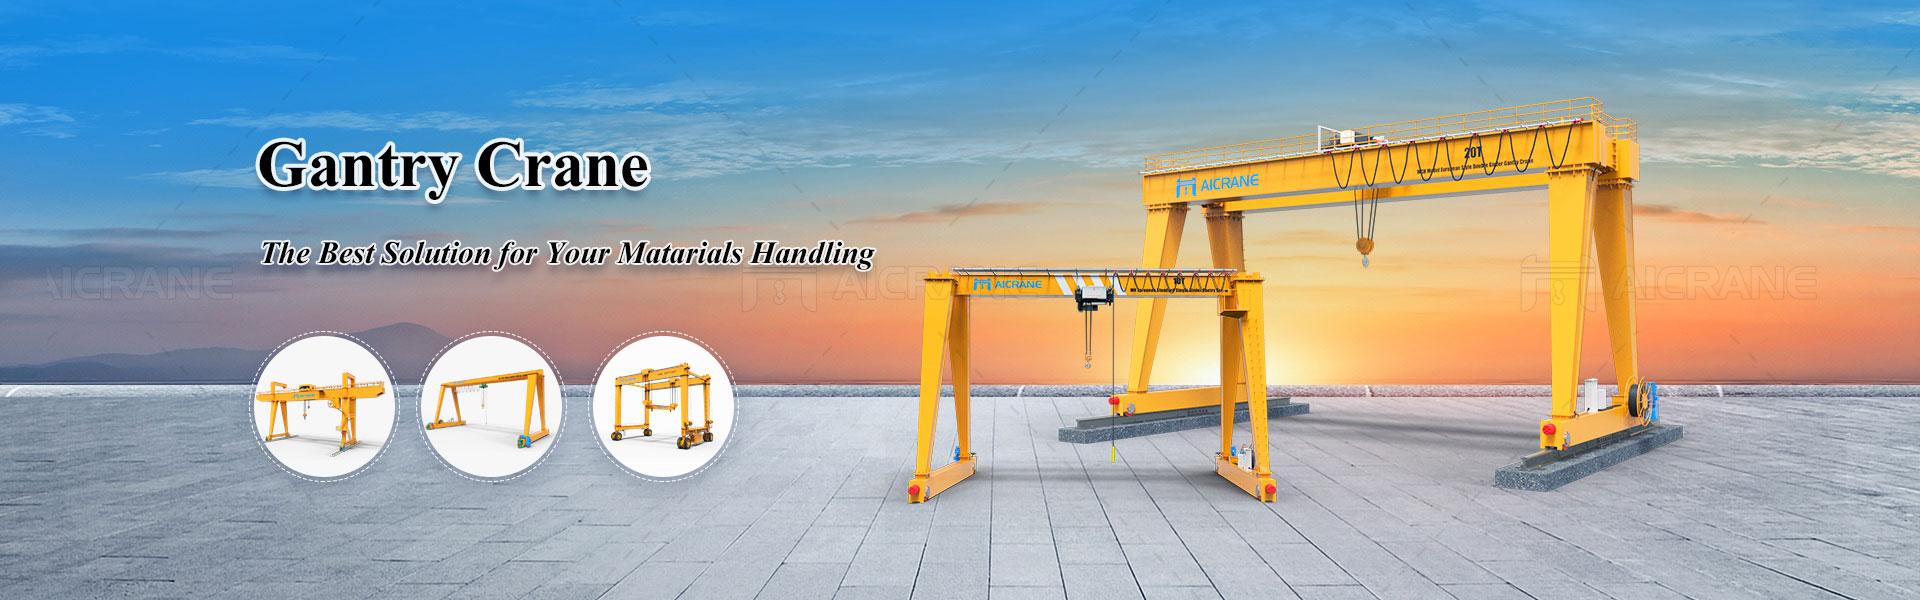 double-girder-gantry-crane-from-Aicranes